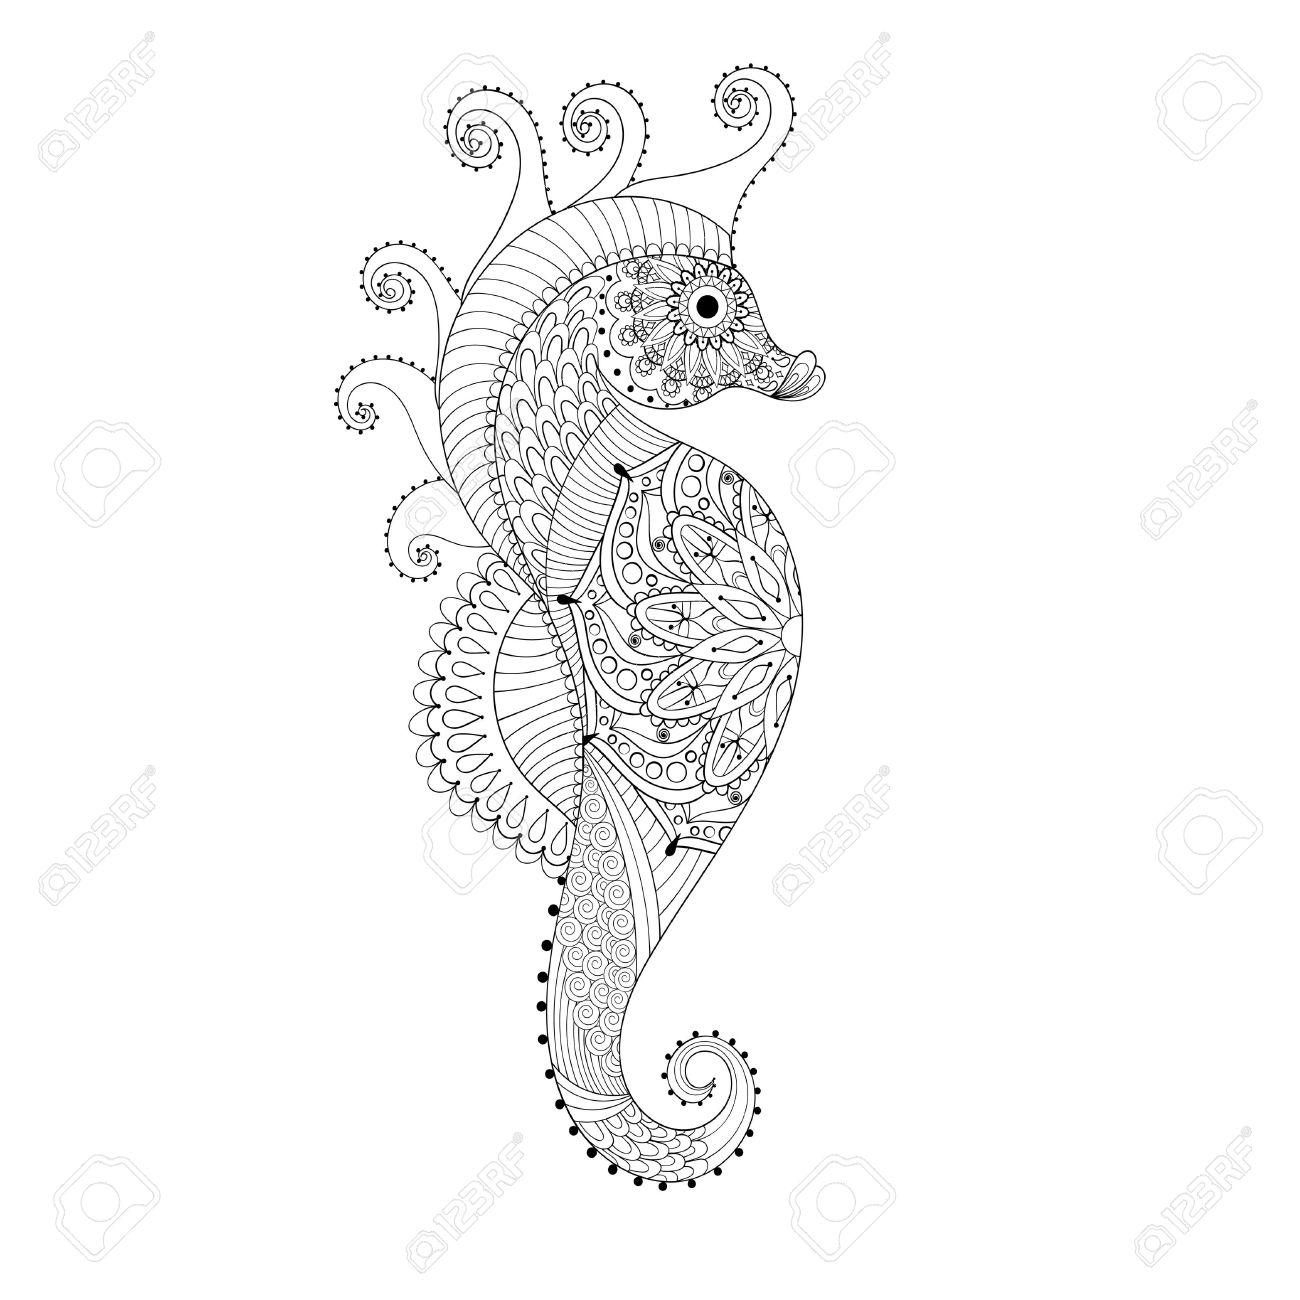 Moderno Dibujo De Caballo De Mar Inspiración - Enmarcado Para ...